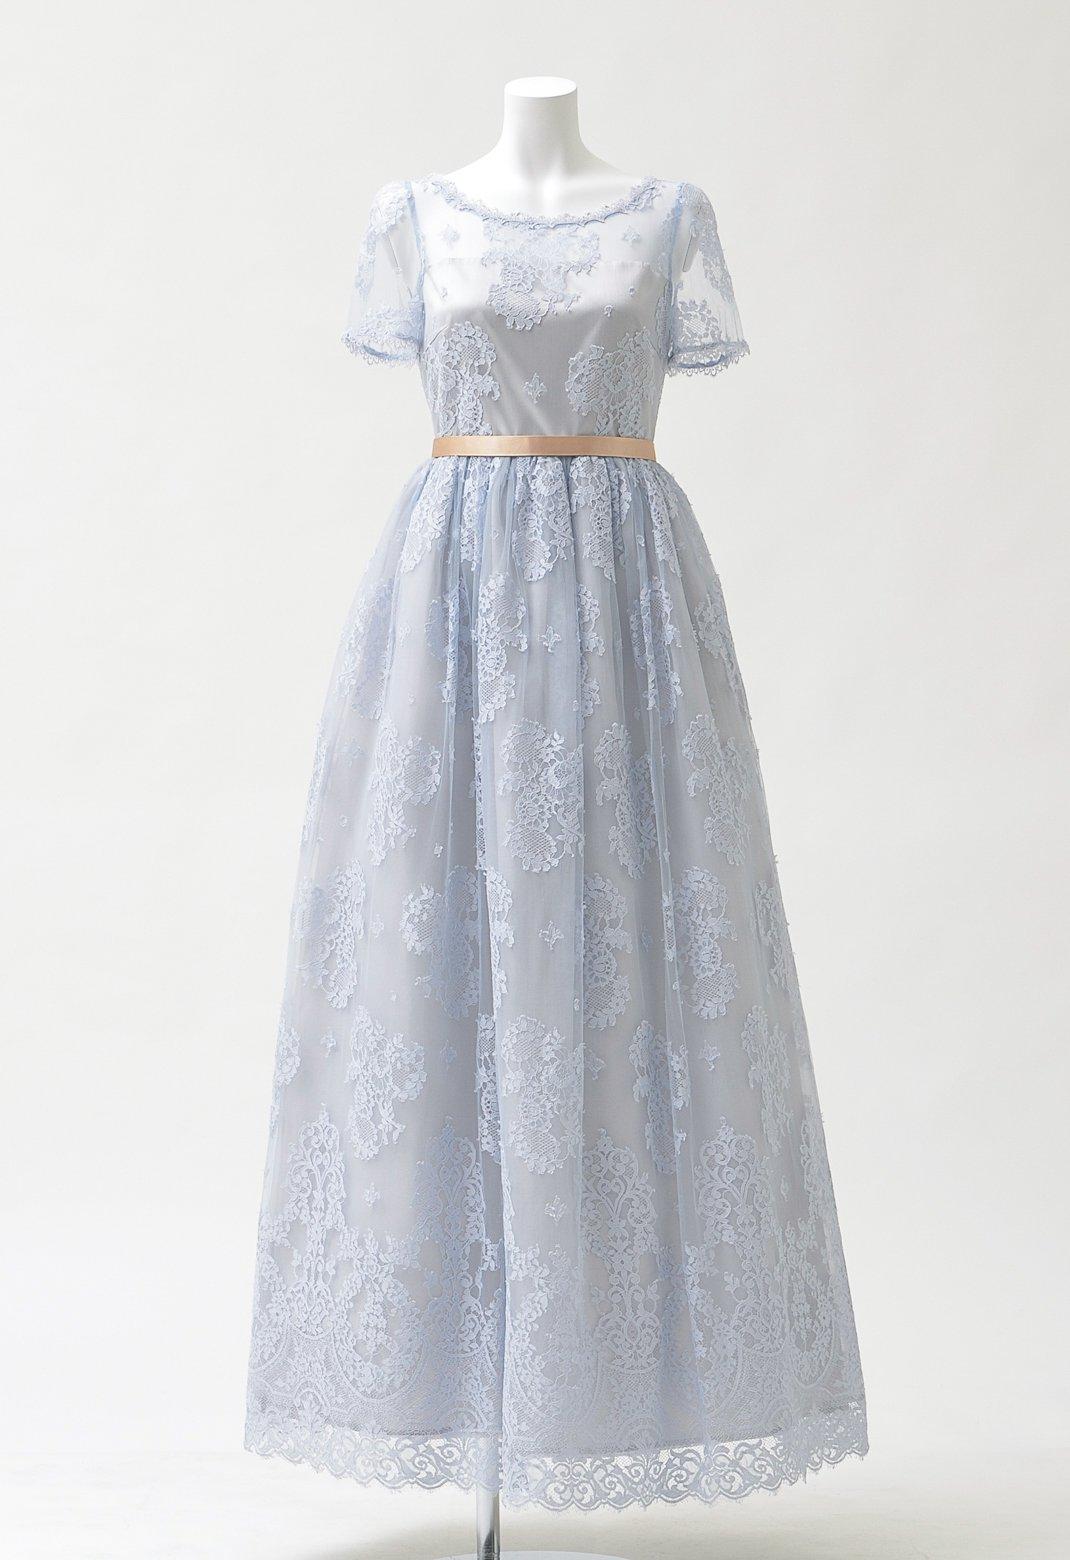 ジルスチュアート 総レース チュチュ付き 半袖 ロングドレス